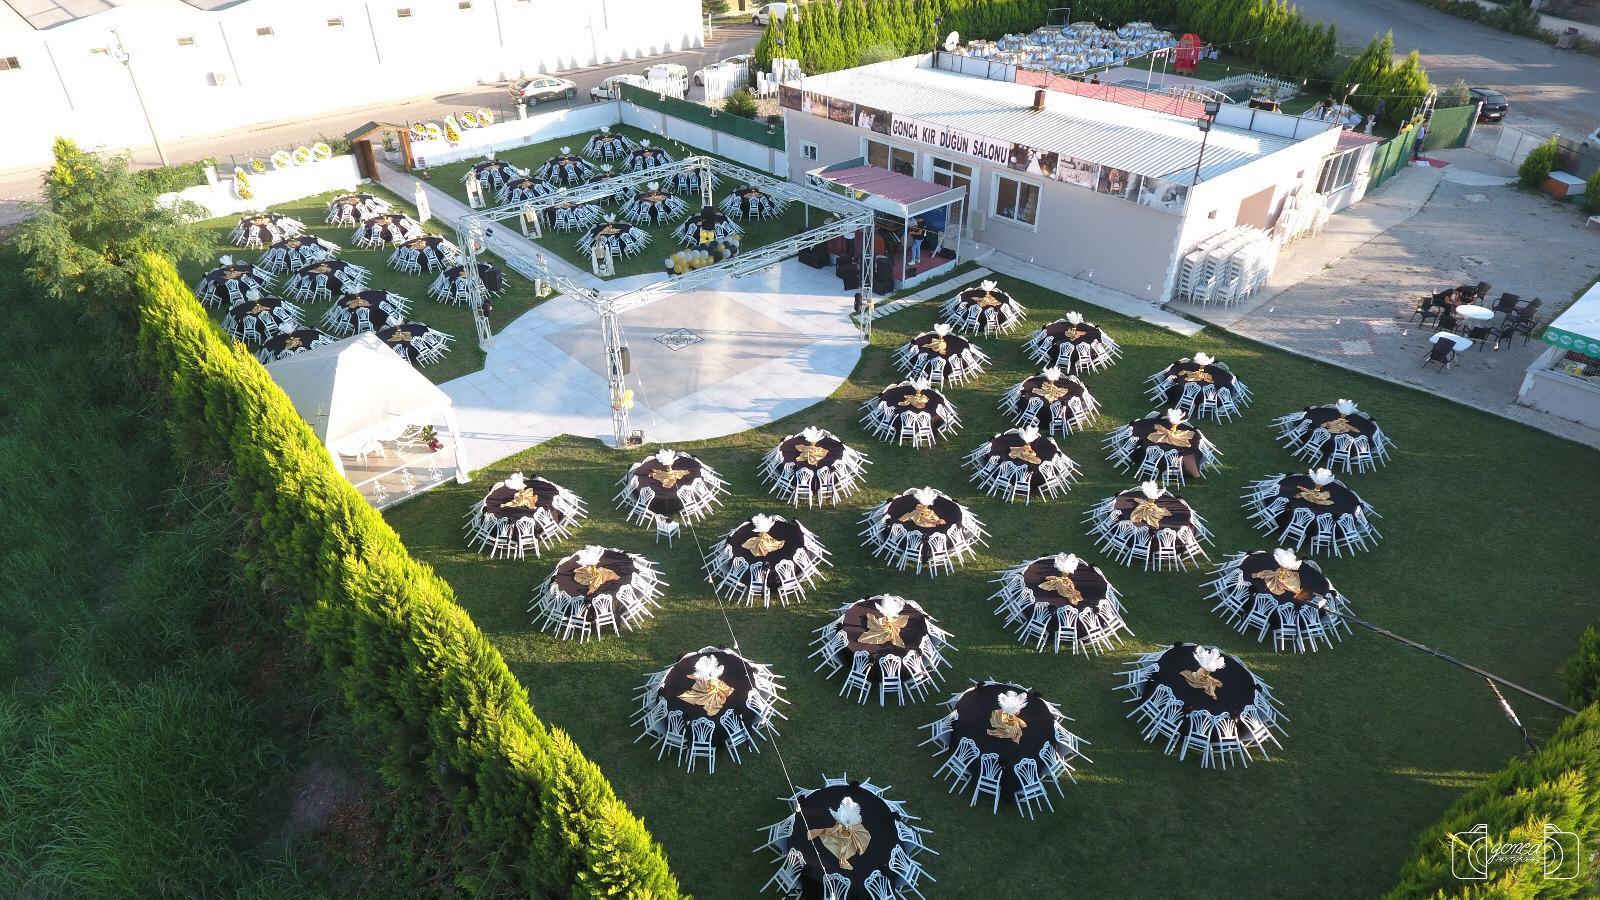 Düğün salonlarının açılacağı tarih belli oldu